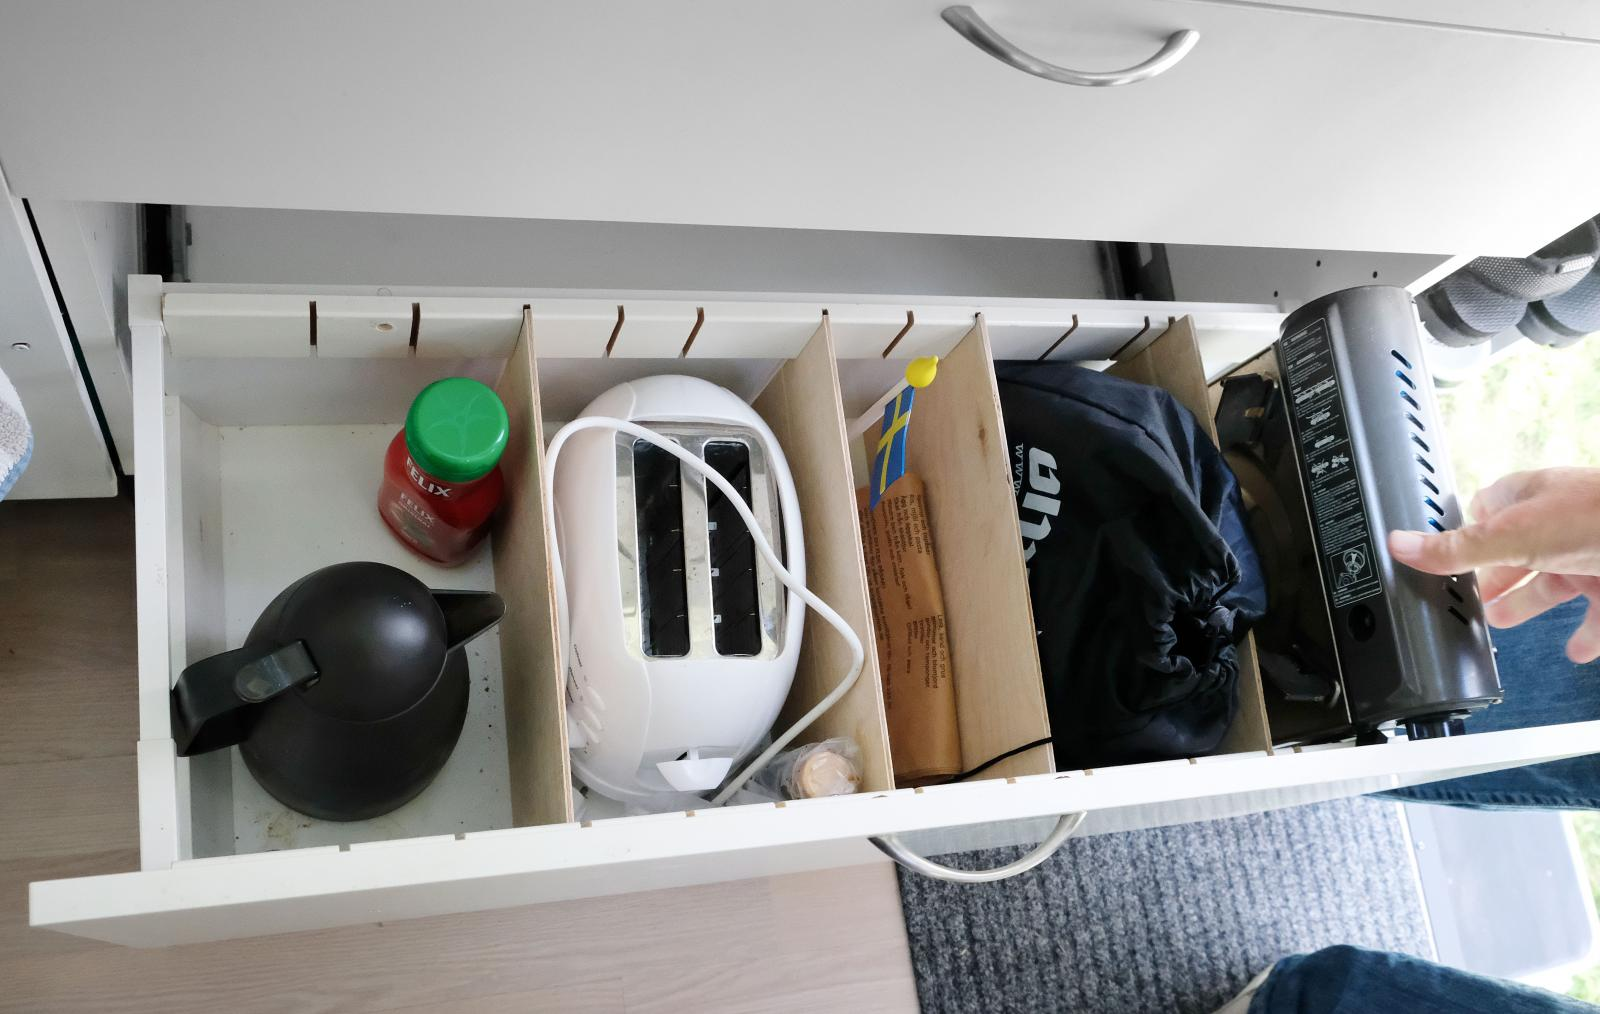 Smart kökslådelösning. Flyttbara mellanskivor håller innehållet på plats under färd för att slippa skrammel.